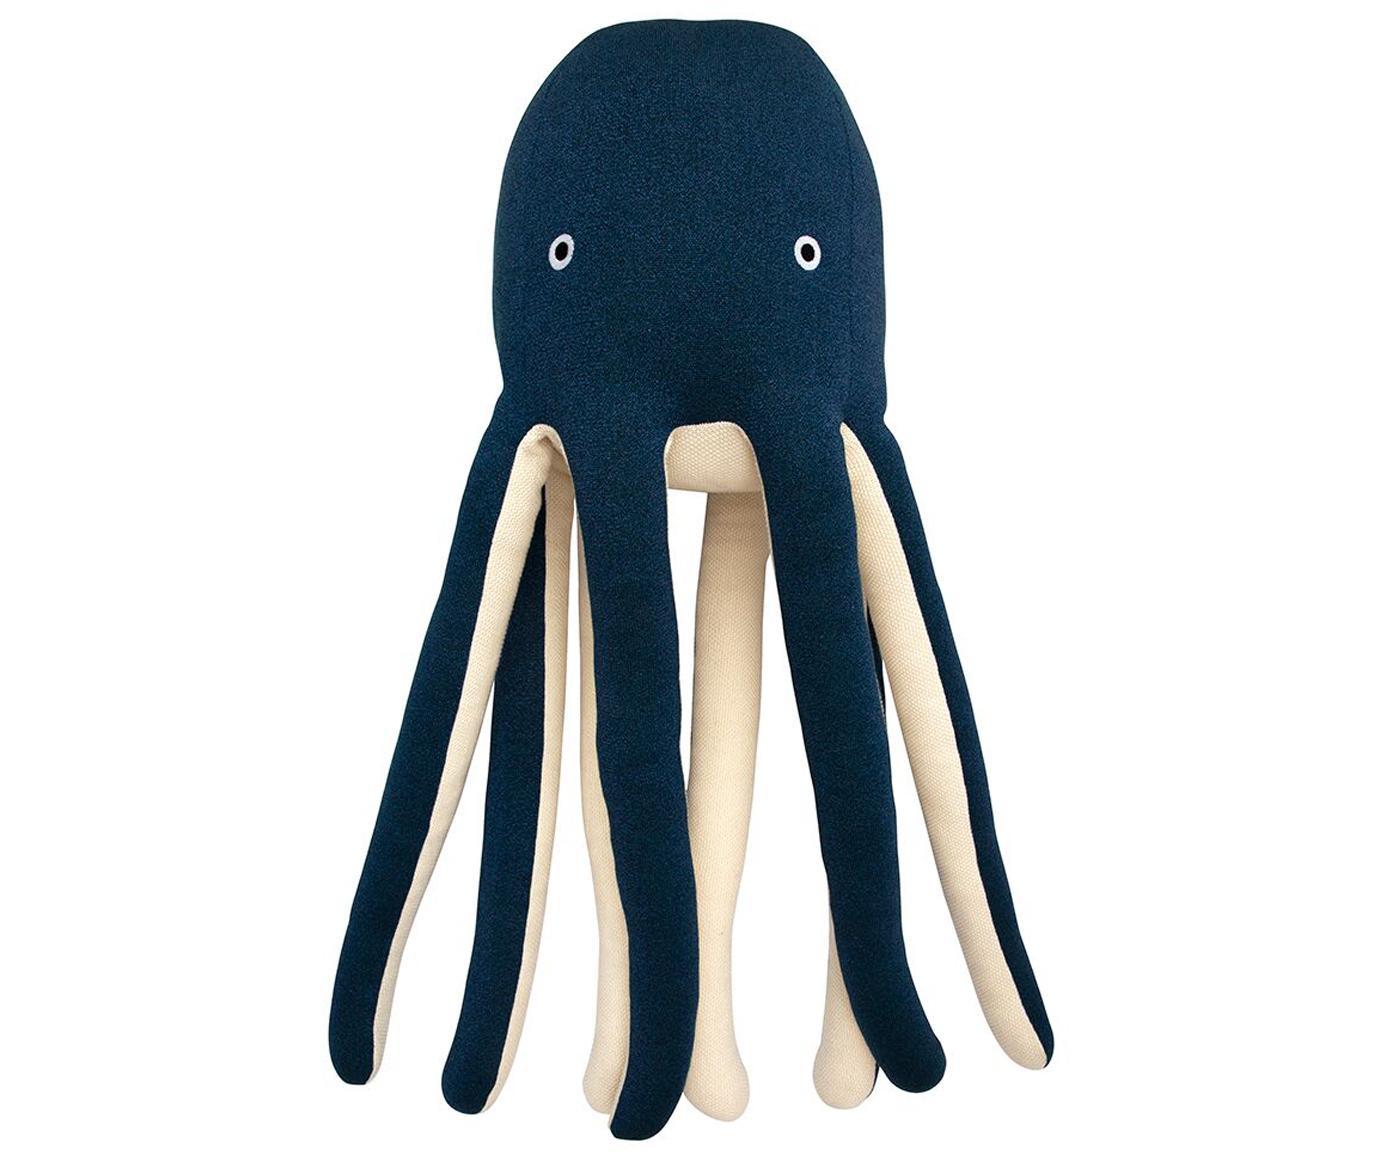 XL knuffeldier Octopus Cosmo van biokatoen, Organisch katoen, Donkerblauw, crèmekleurig, 33 x 81 cm